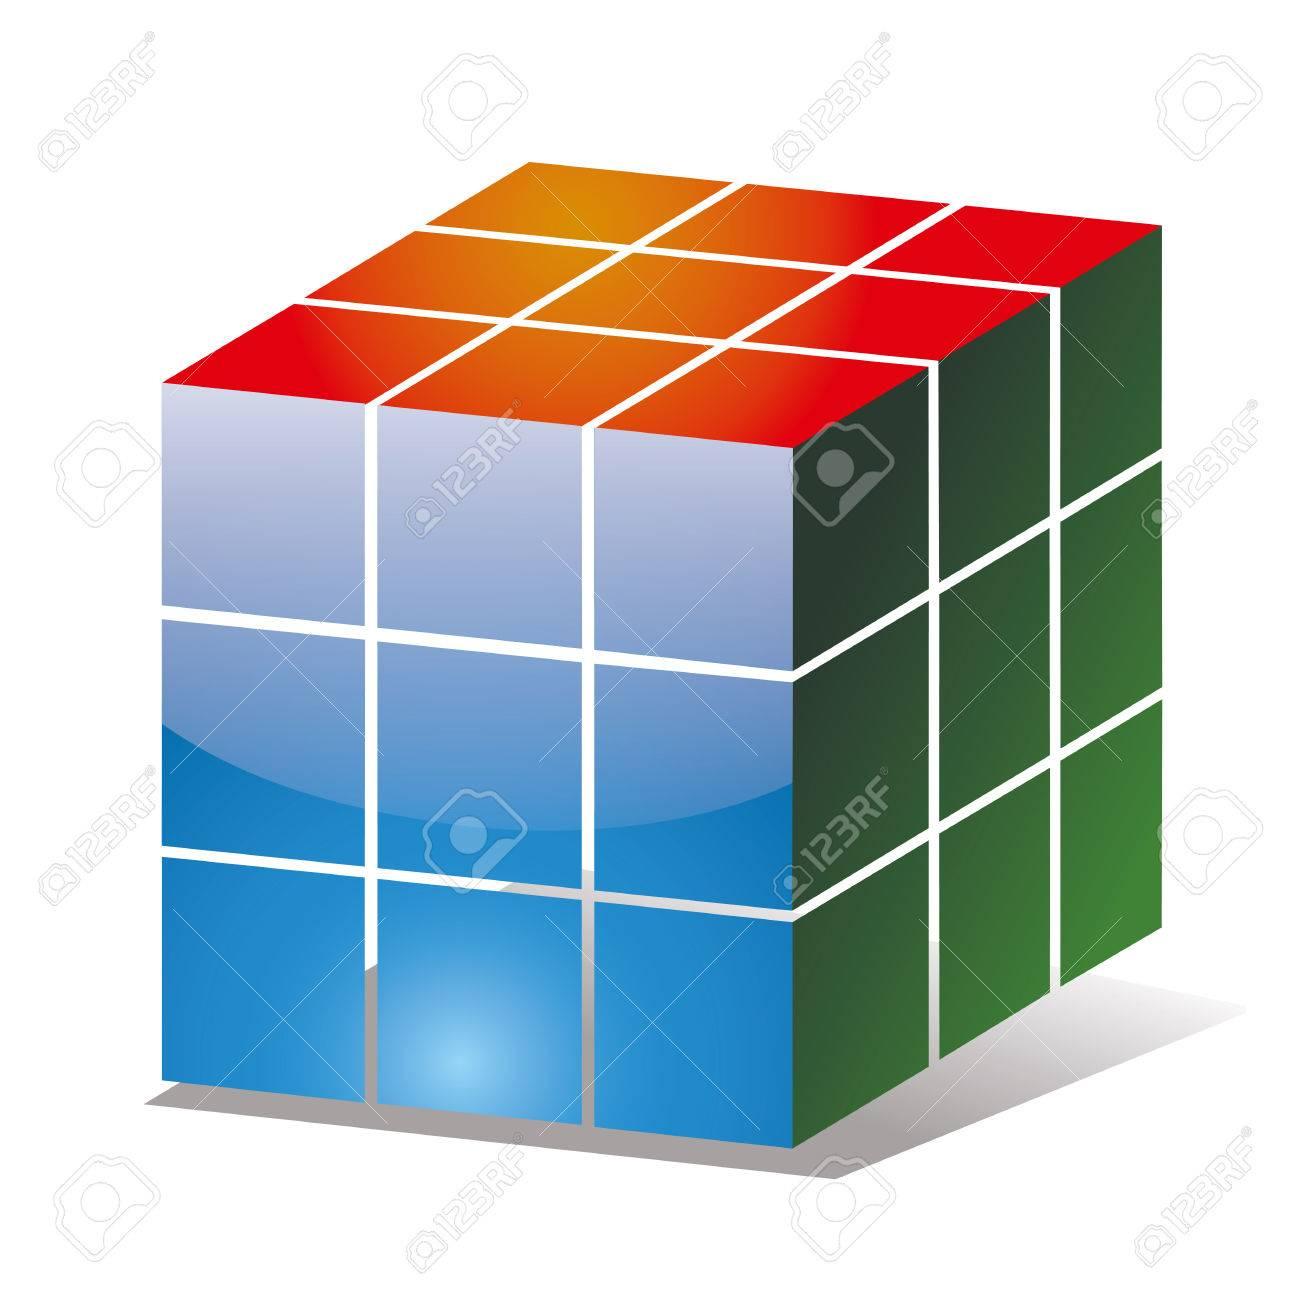 異なる色の側面とルービック キューブ アイコンのイラスト素材ベクタ